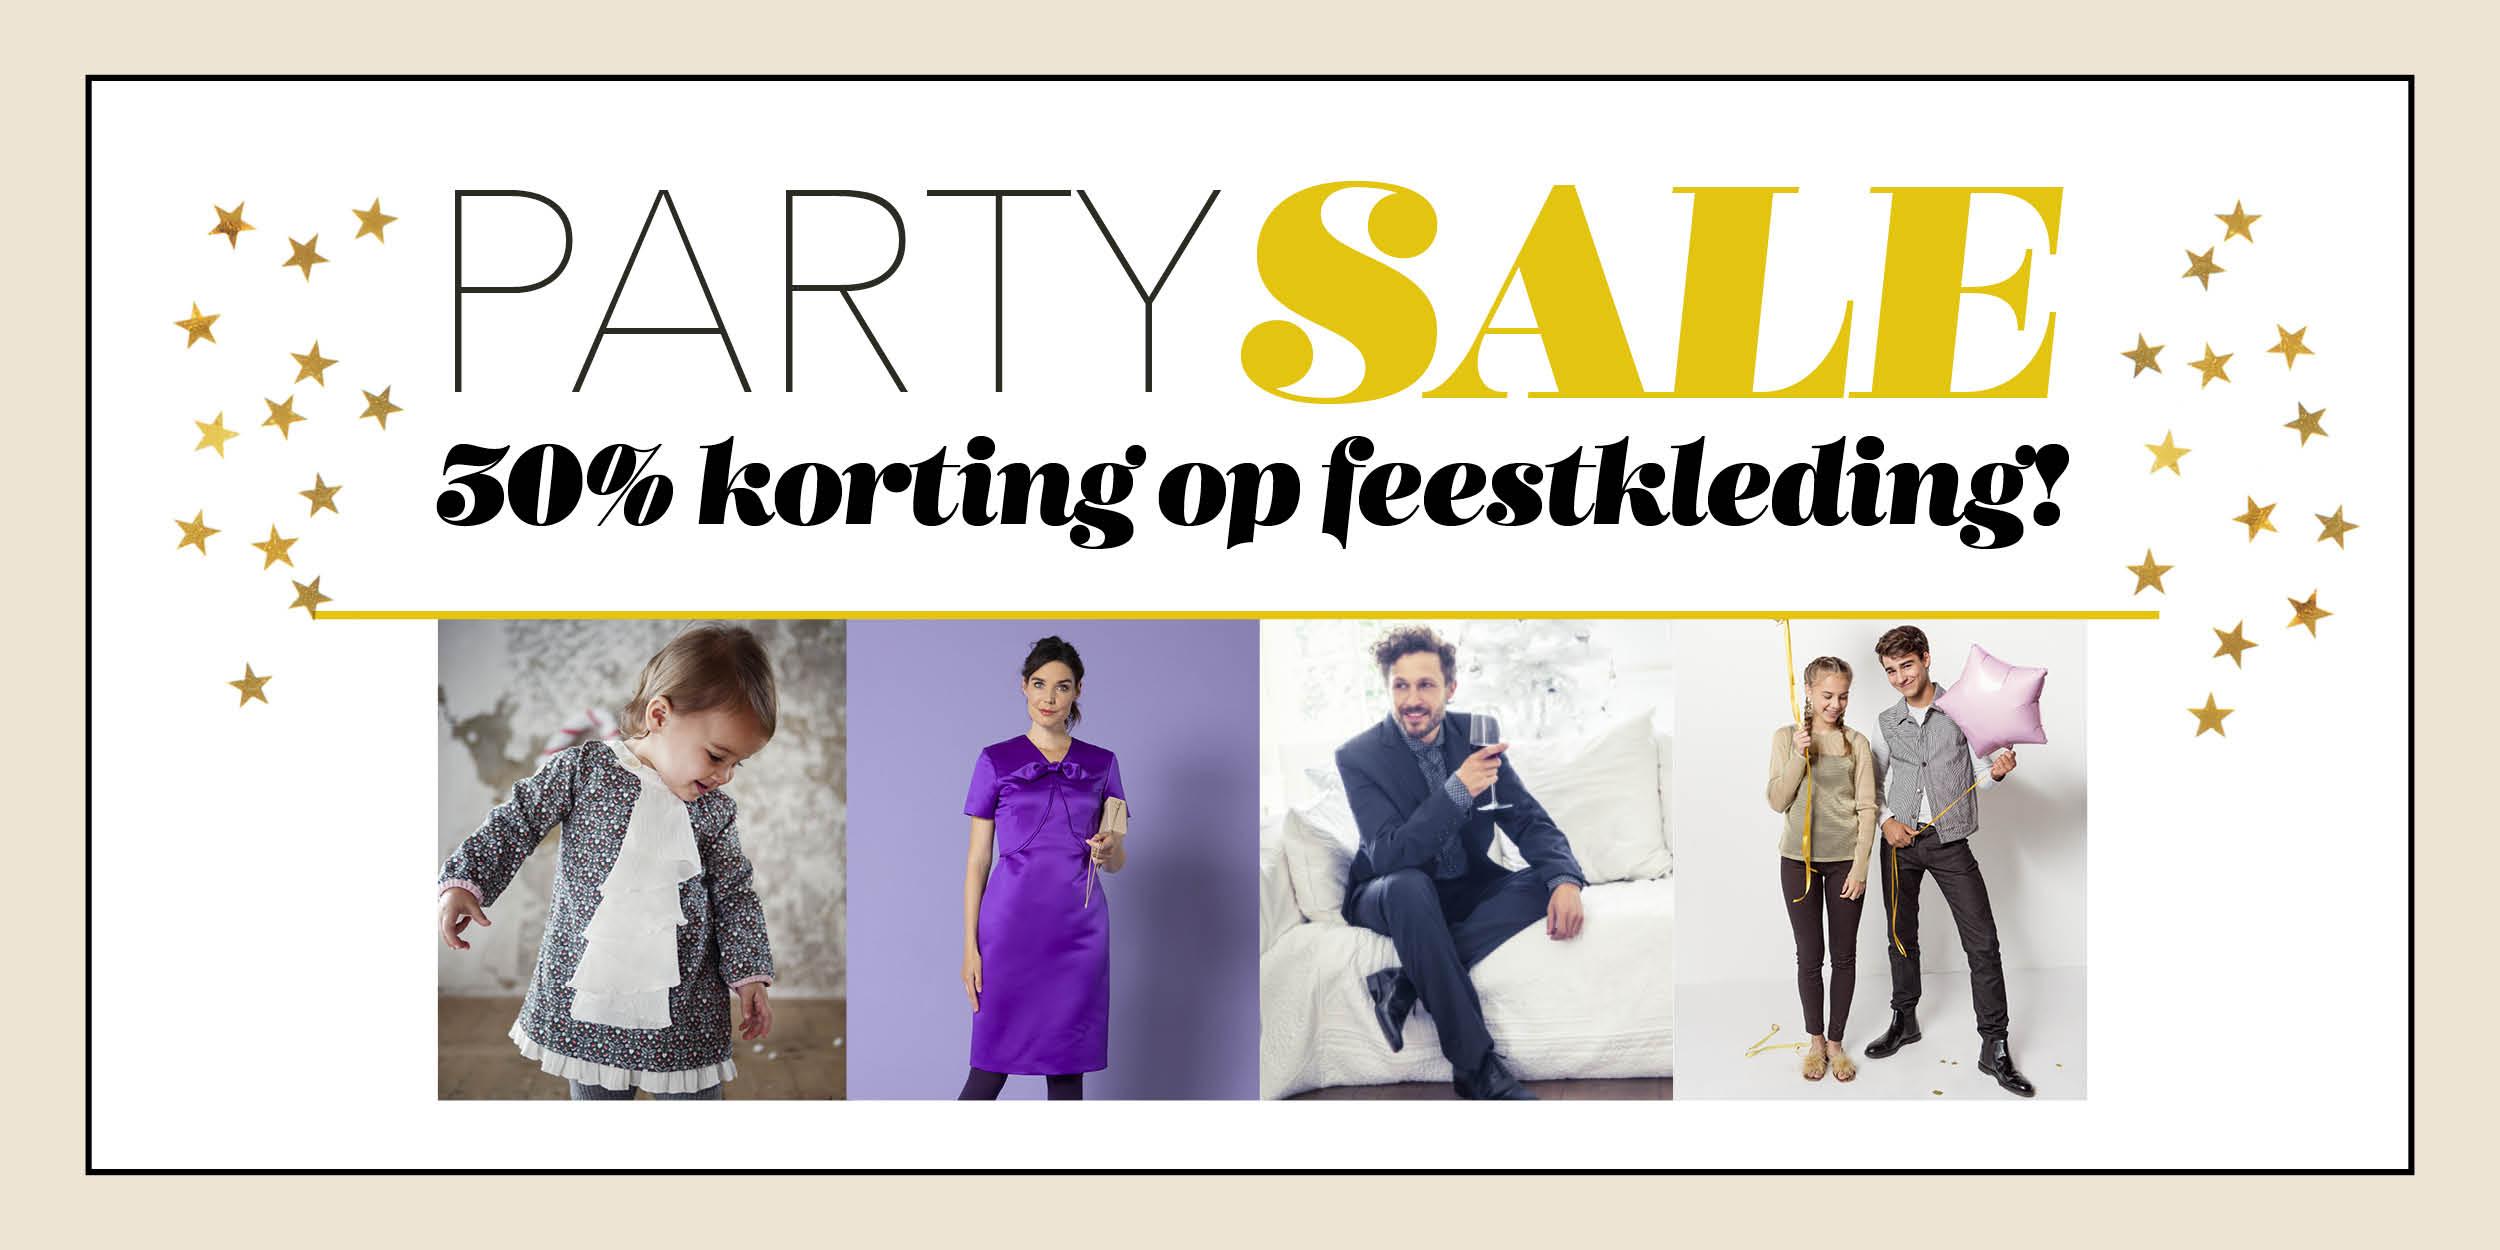 Party Sale